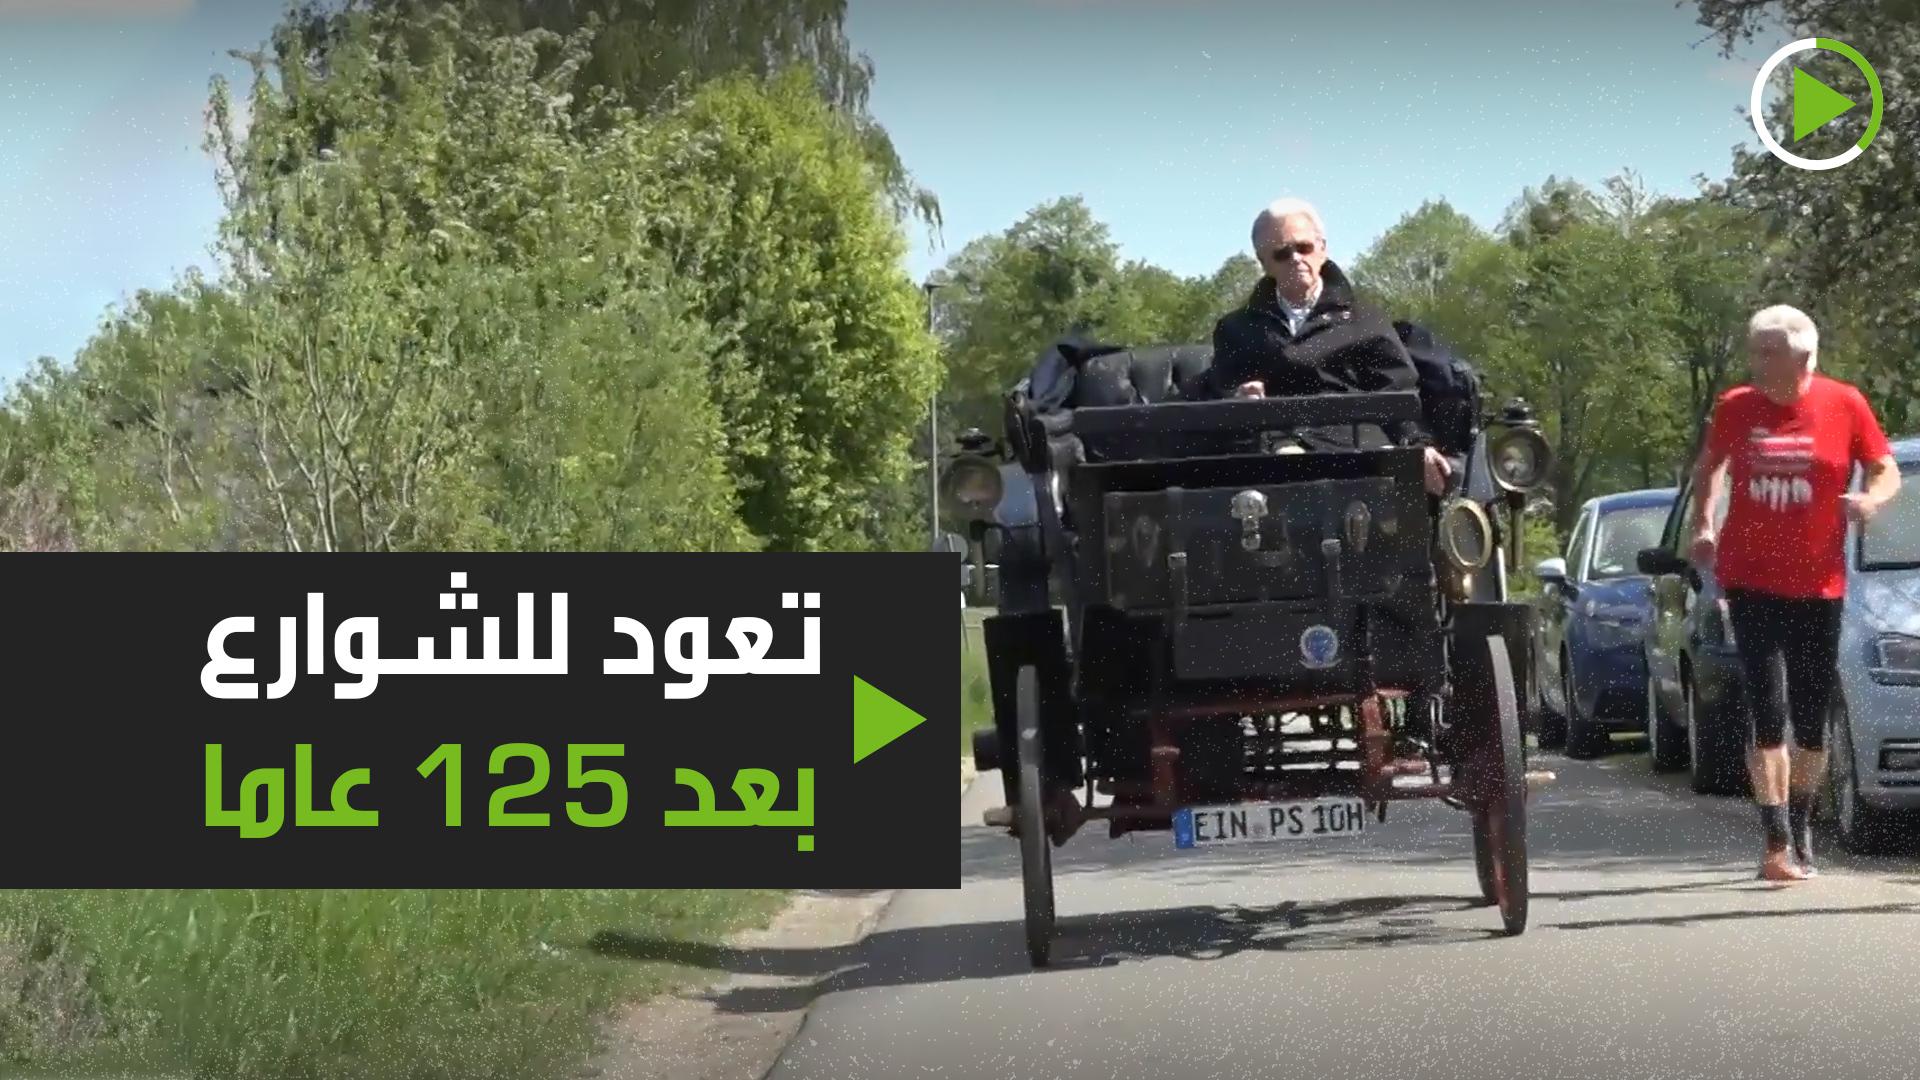 سيارة بنز تعود للشوارع بعد 125 عاما